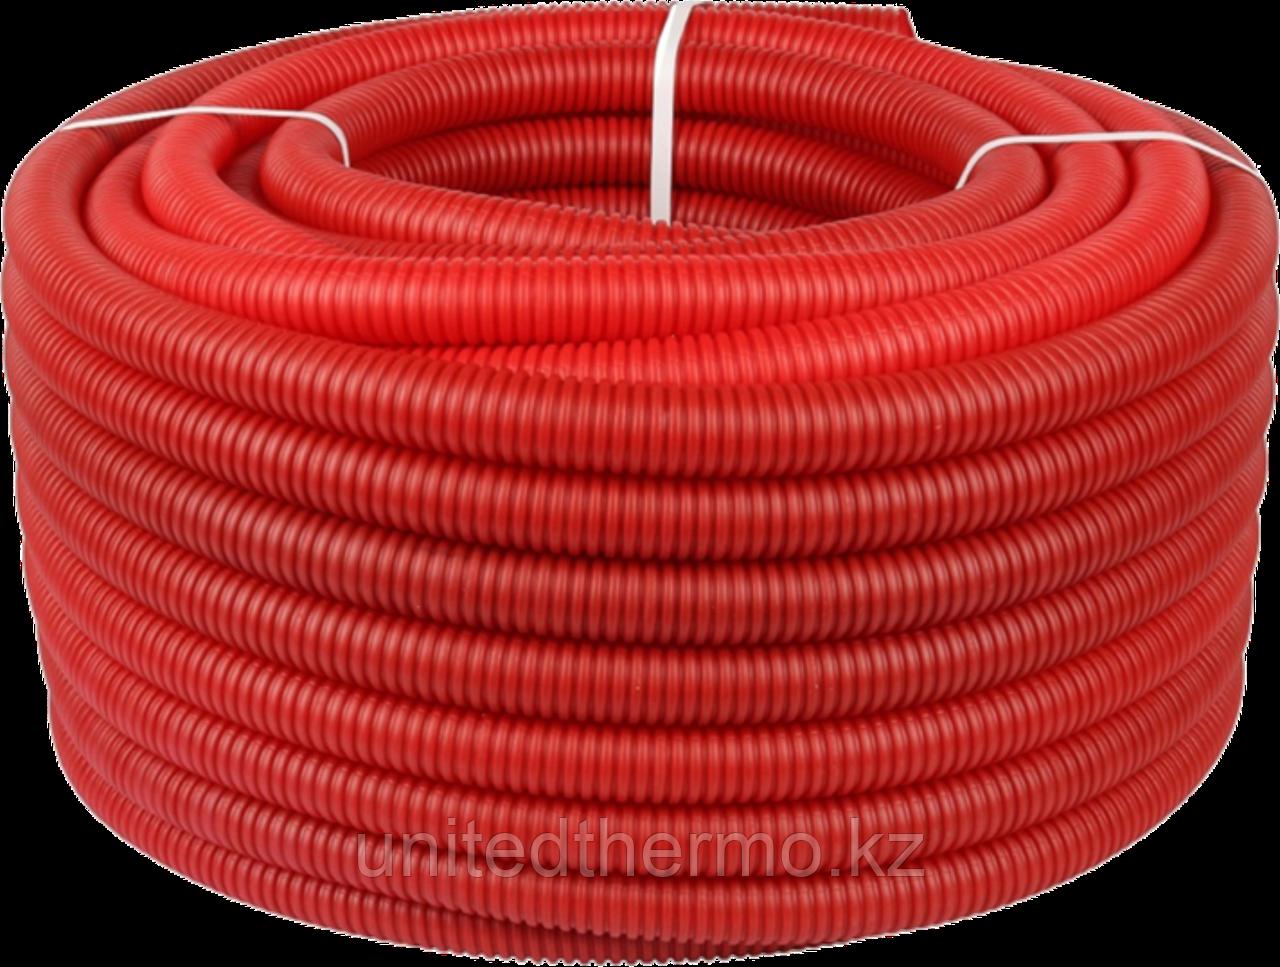 Труба ПНД 20 мм (труба 16) гофрированная Varmega, красная